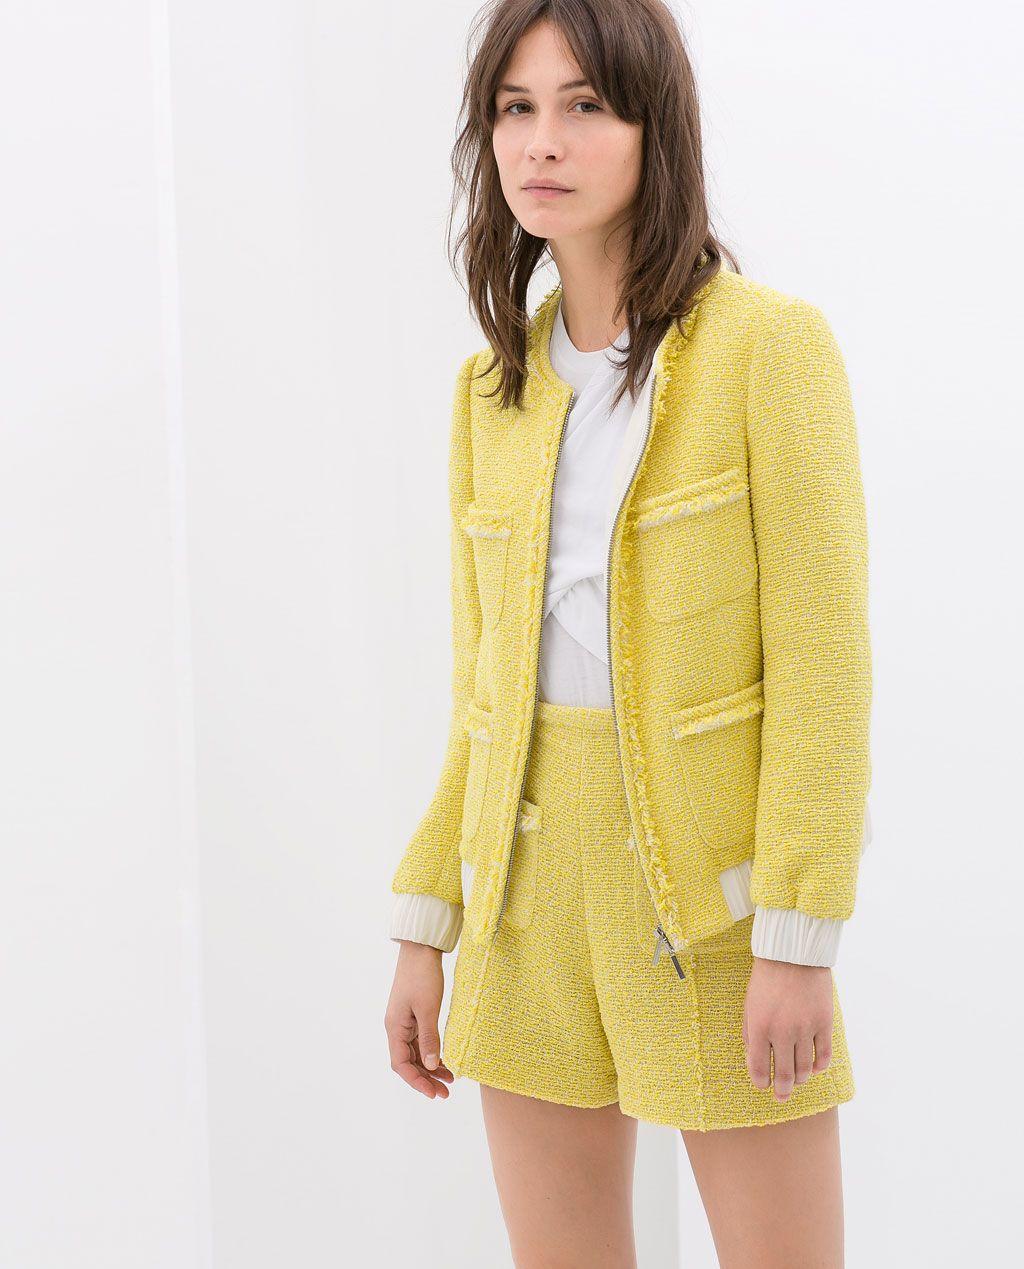 Color de moda para el verano - Pantalón y chaqueta